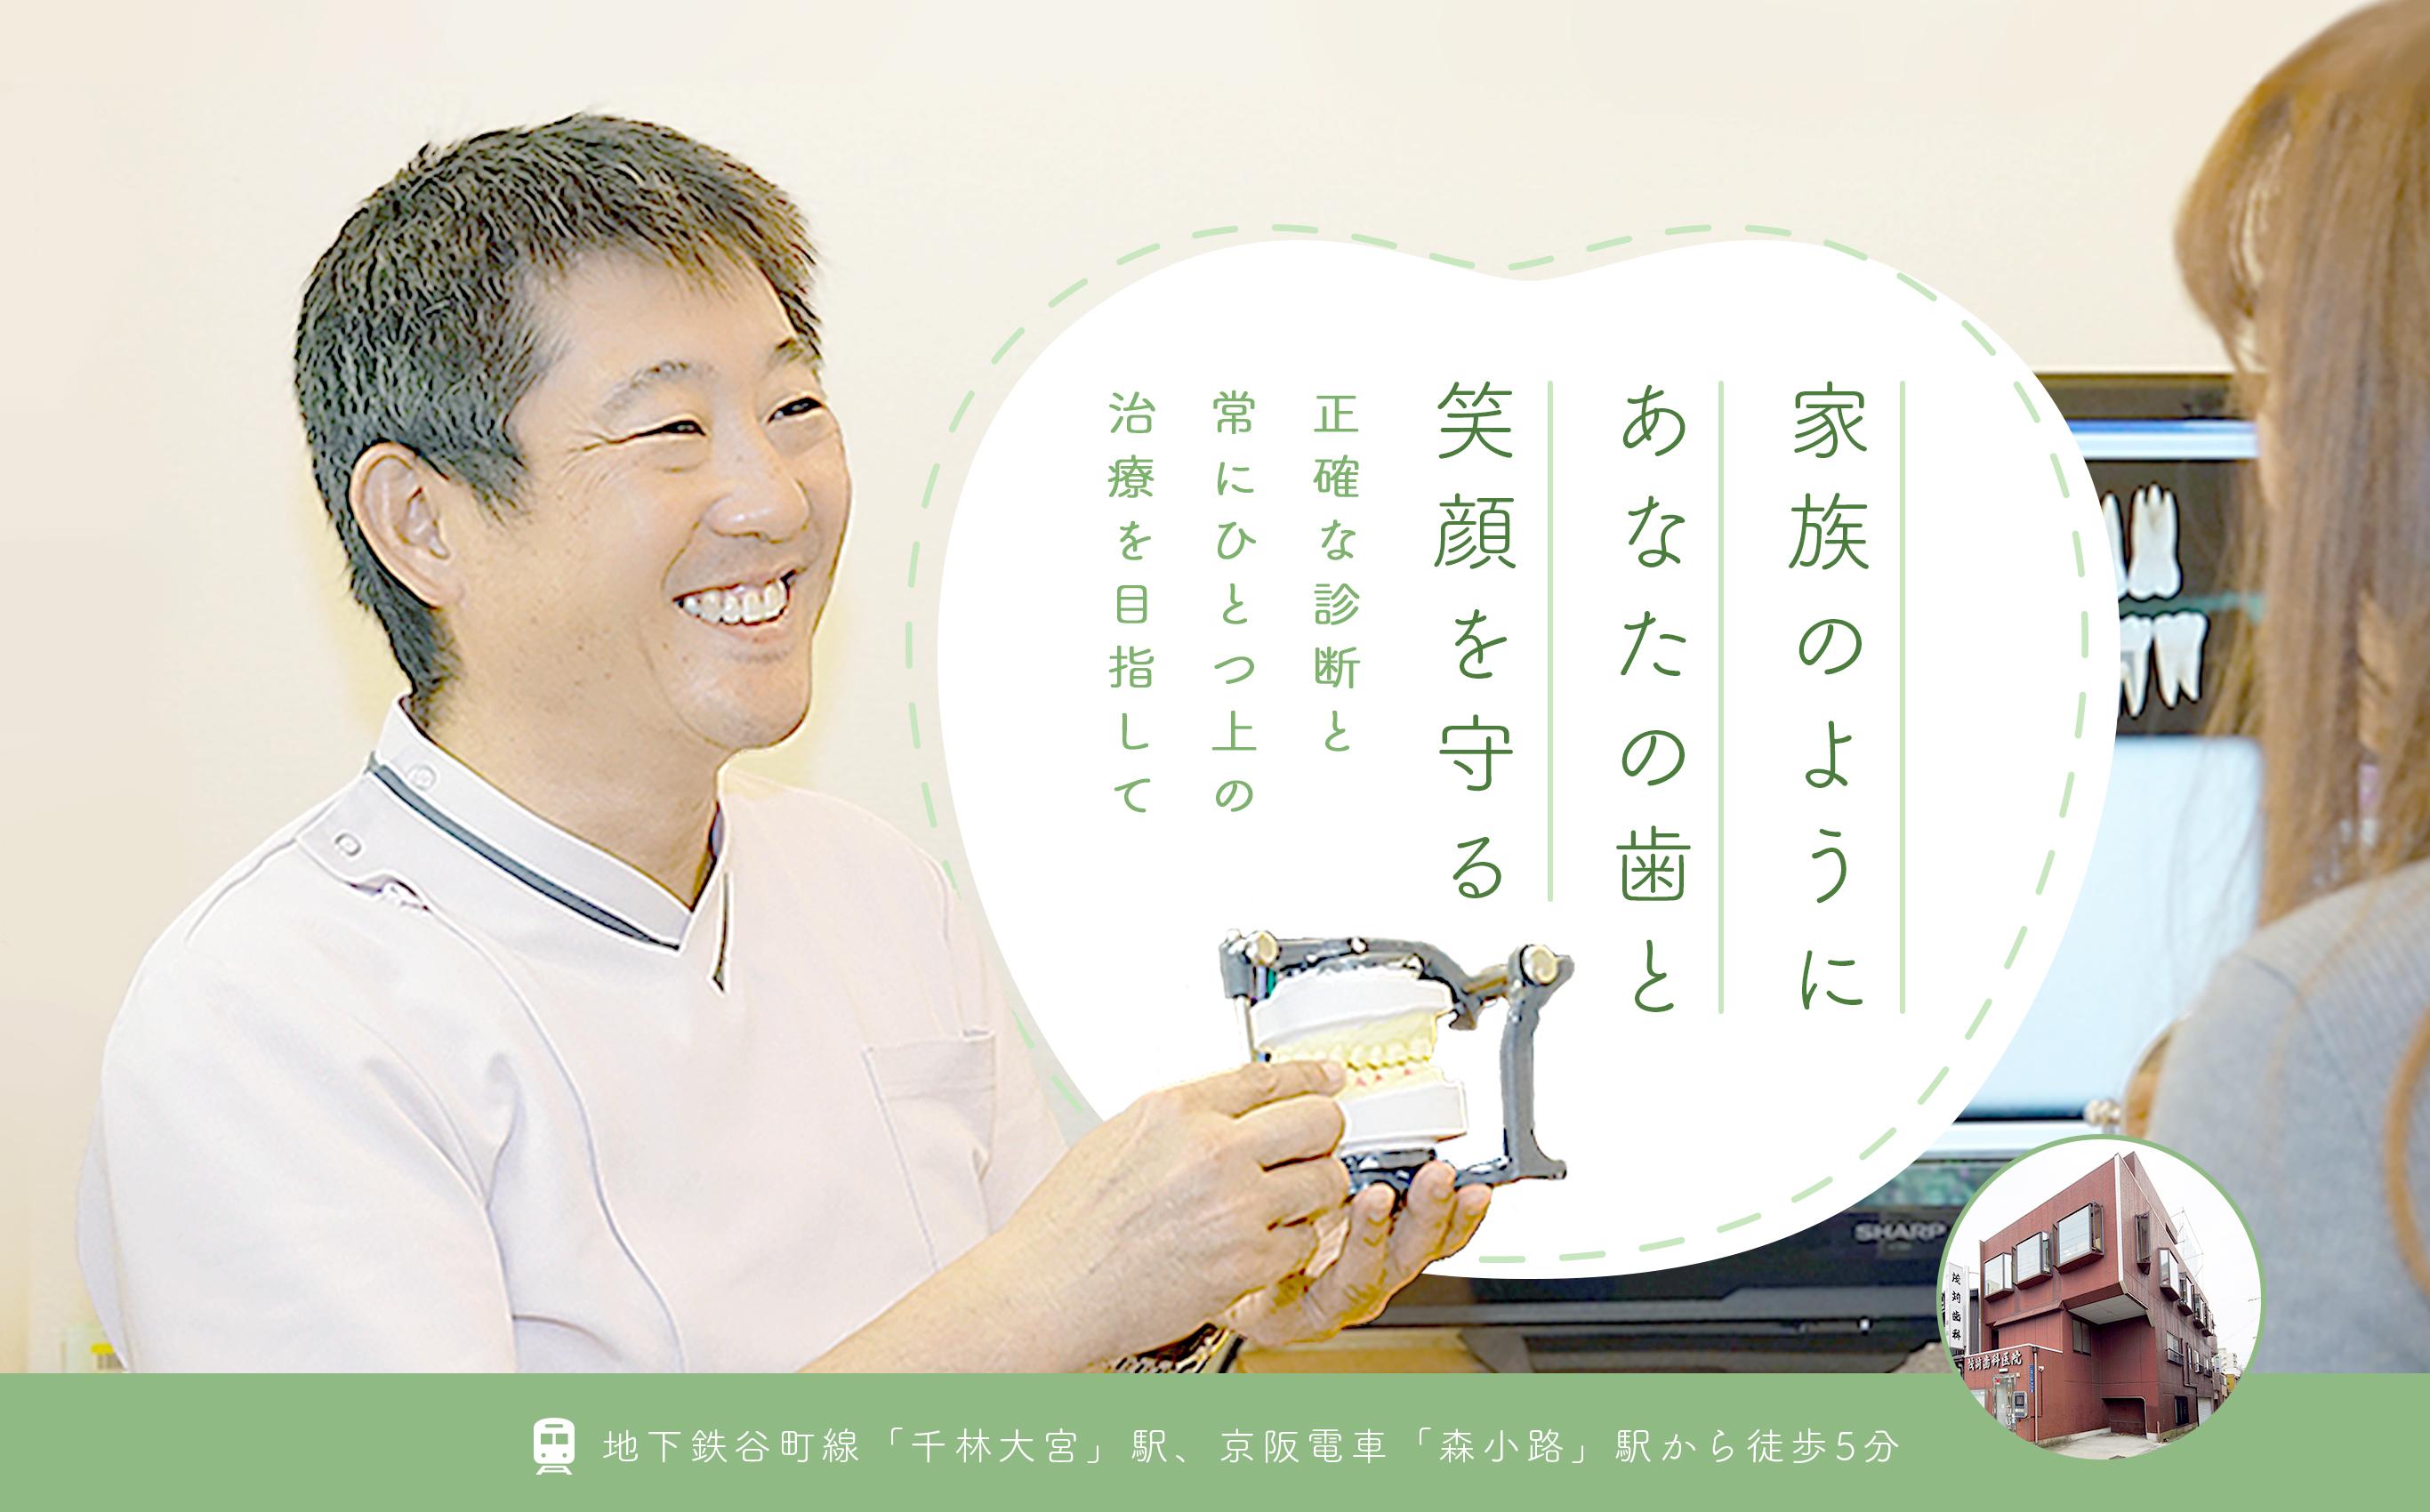 家族のようにあなたの歯と笑顔を守る 正確な診断と常にひとつ上の治療を目指して 地下鉄谷町線「千林大宮」駅、京阪電車「森小路」駅から徒歩5分